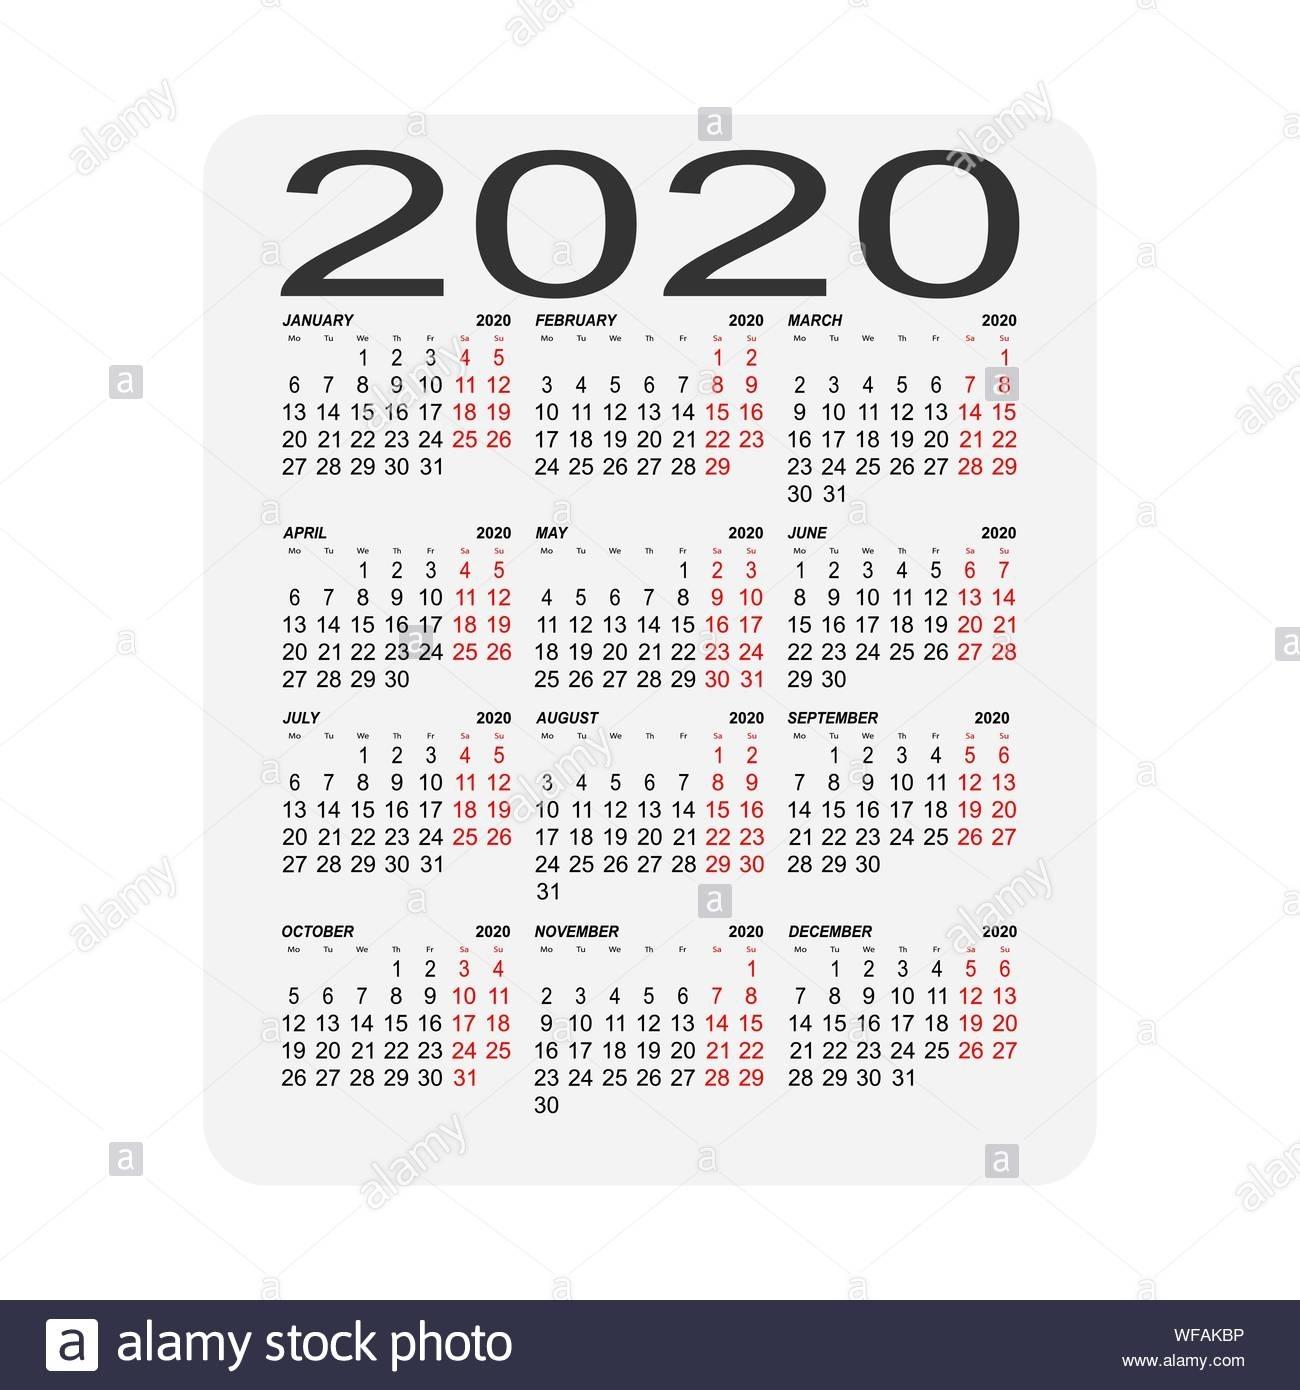 Calendar 2020. Calendar Sheet. Two Days Off A Week Stock inside Calendar Of Special Days 2020